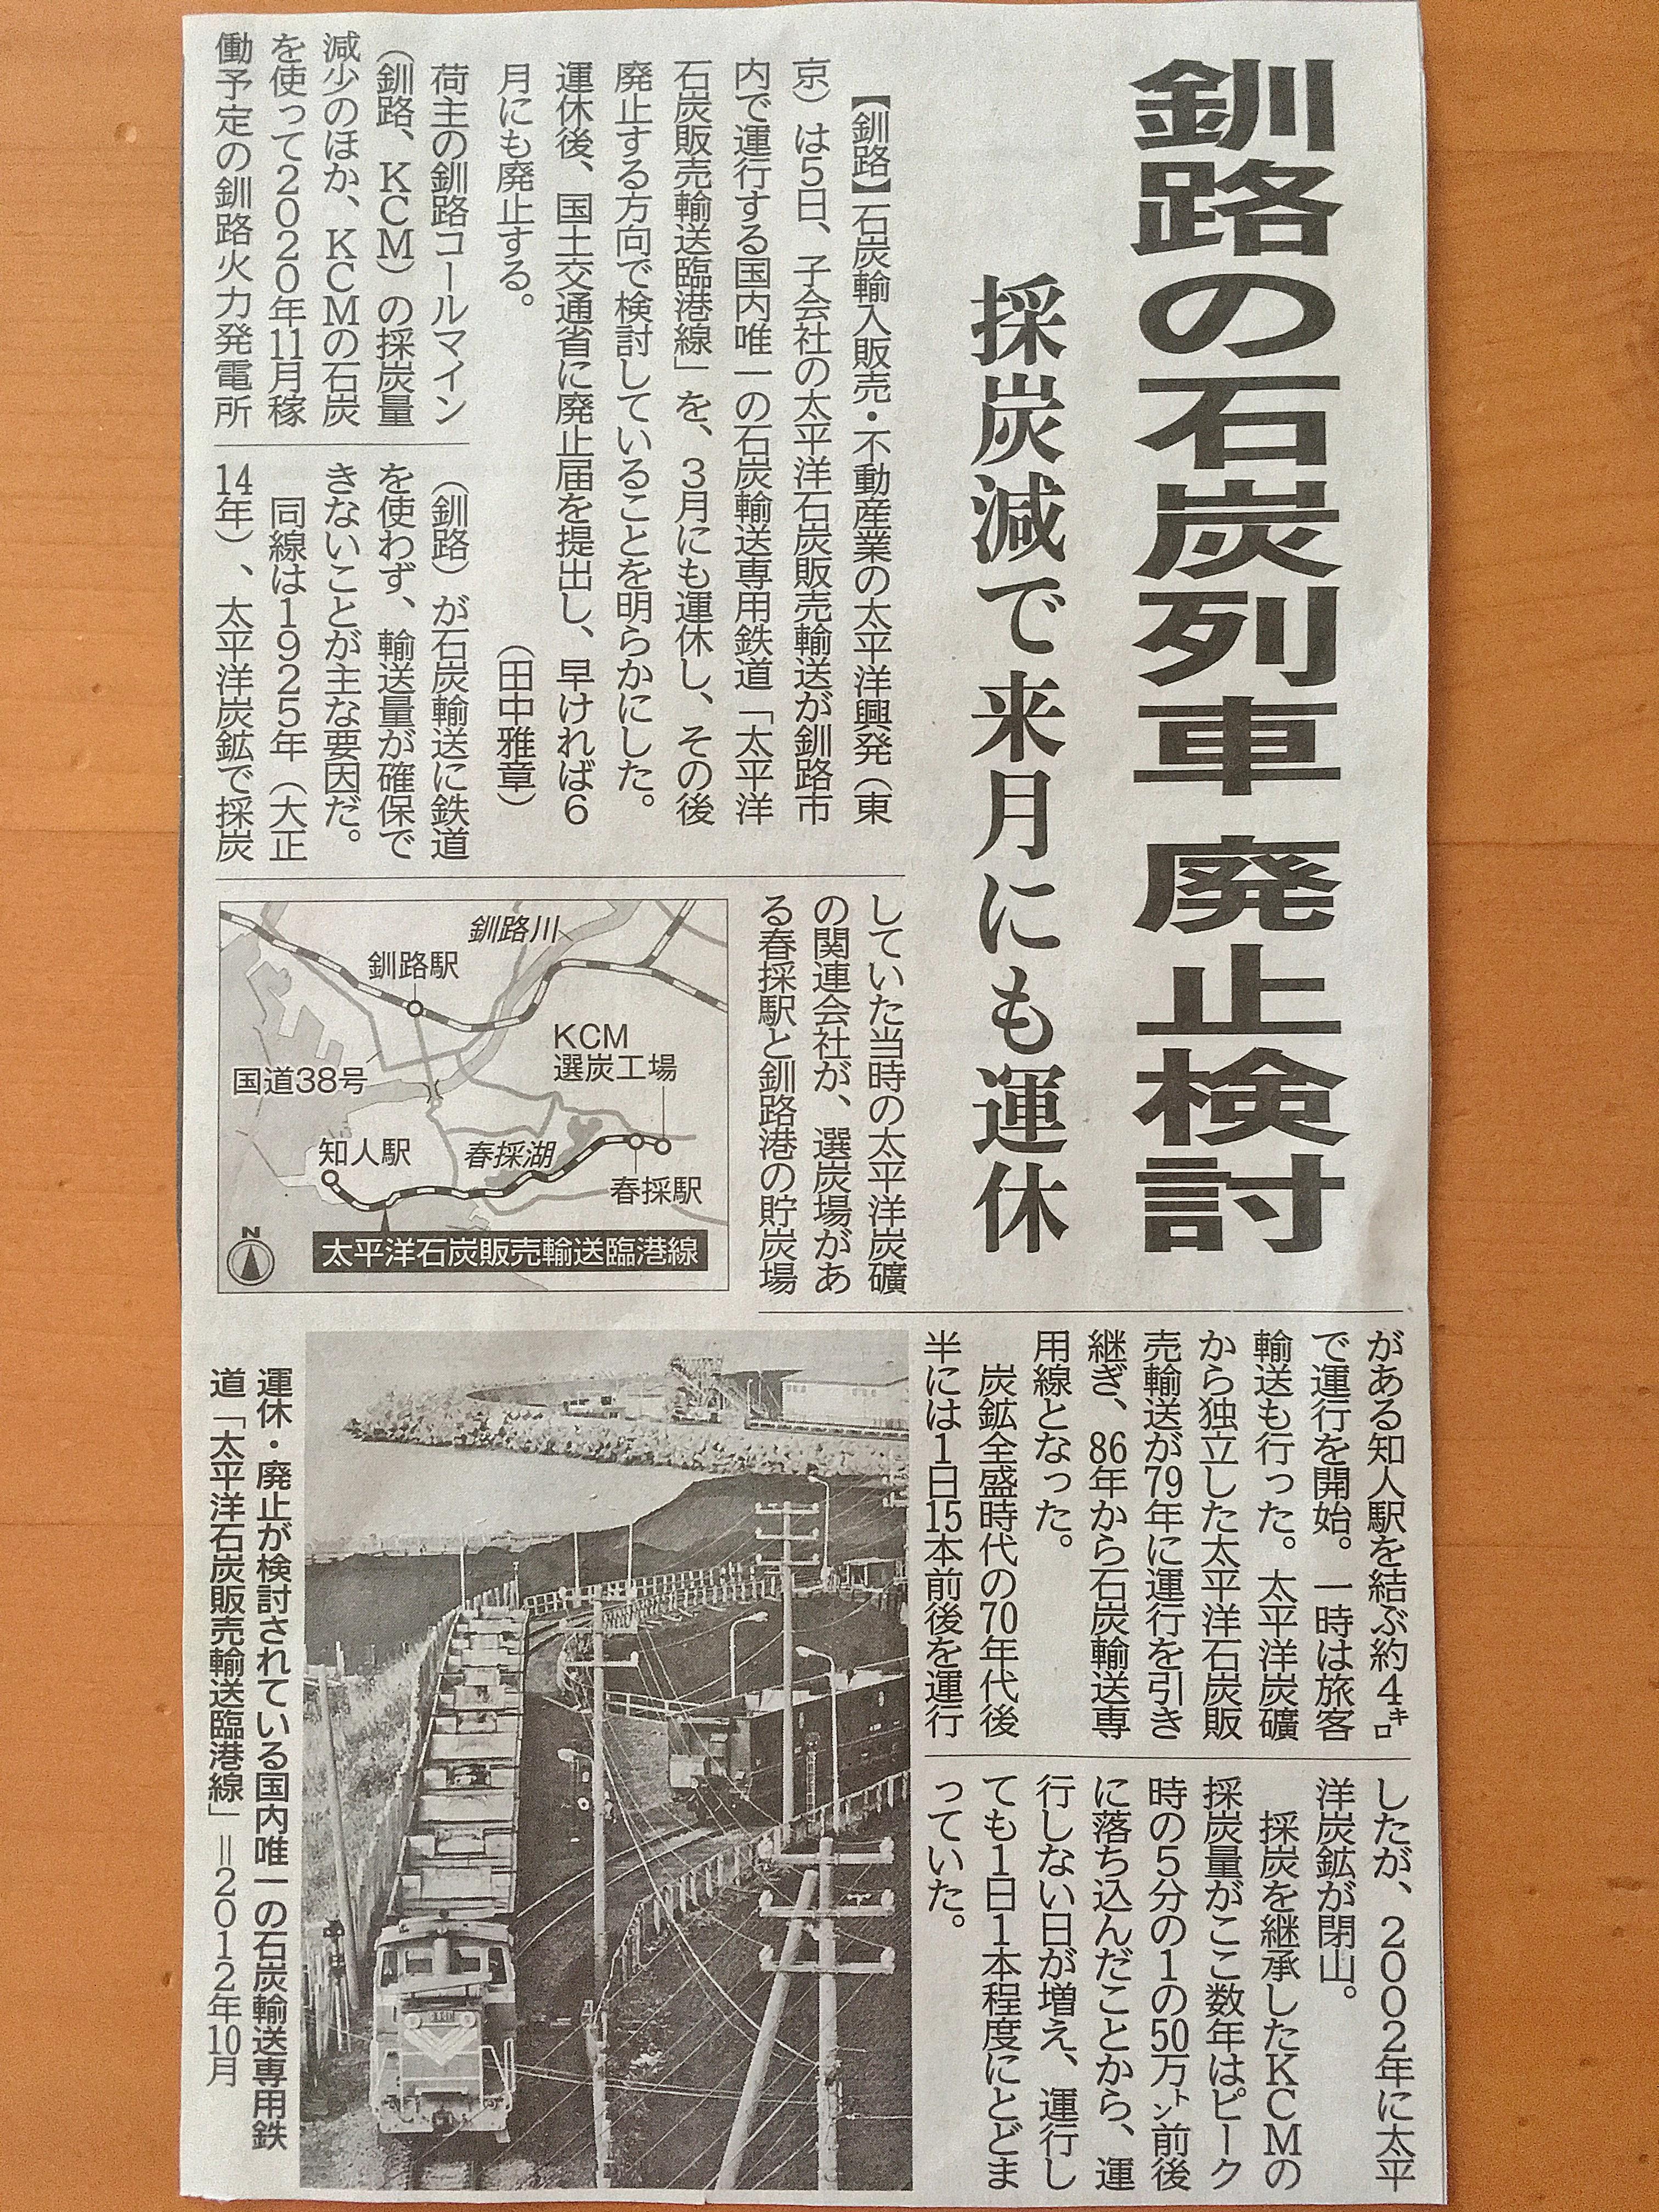 石炭列車廃止検討記事.JPG